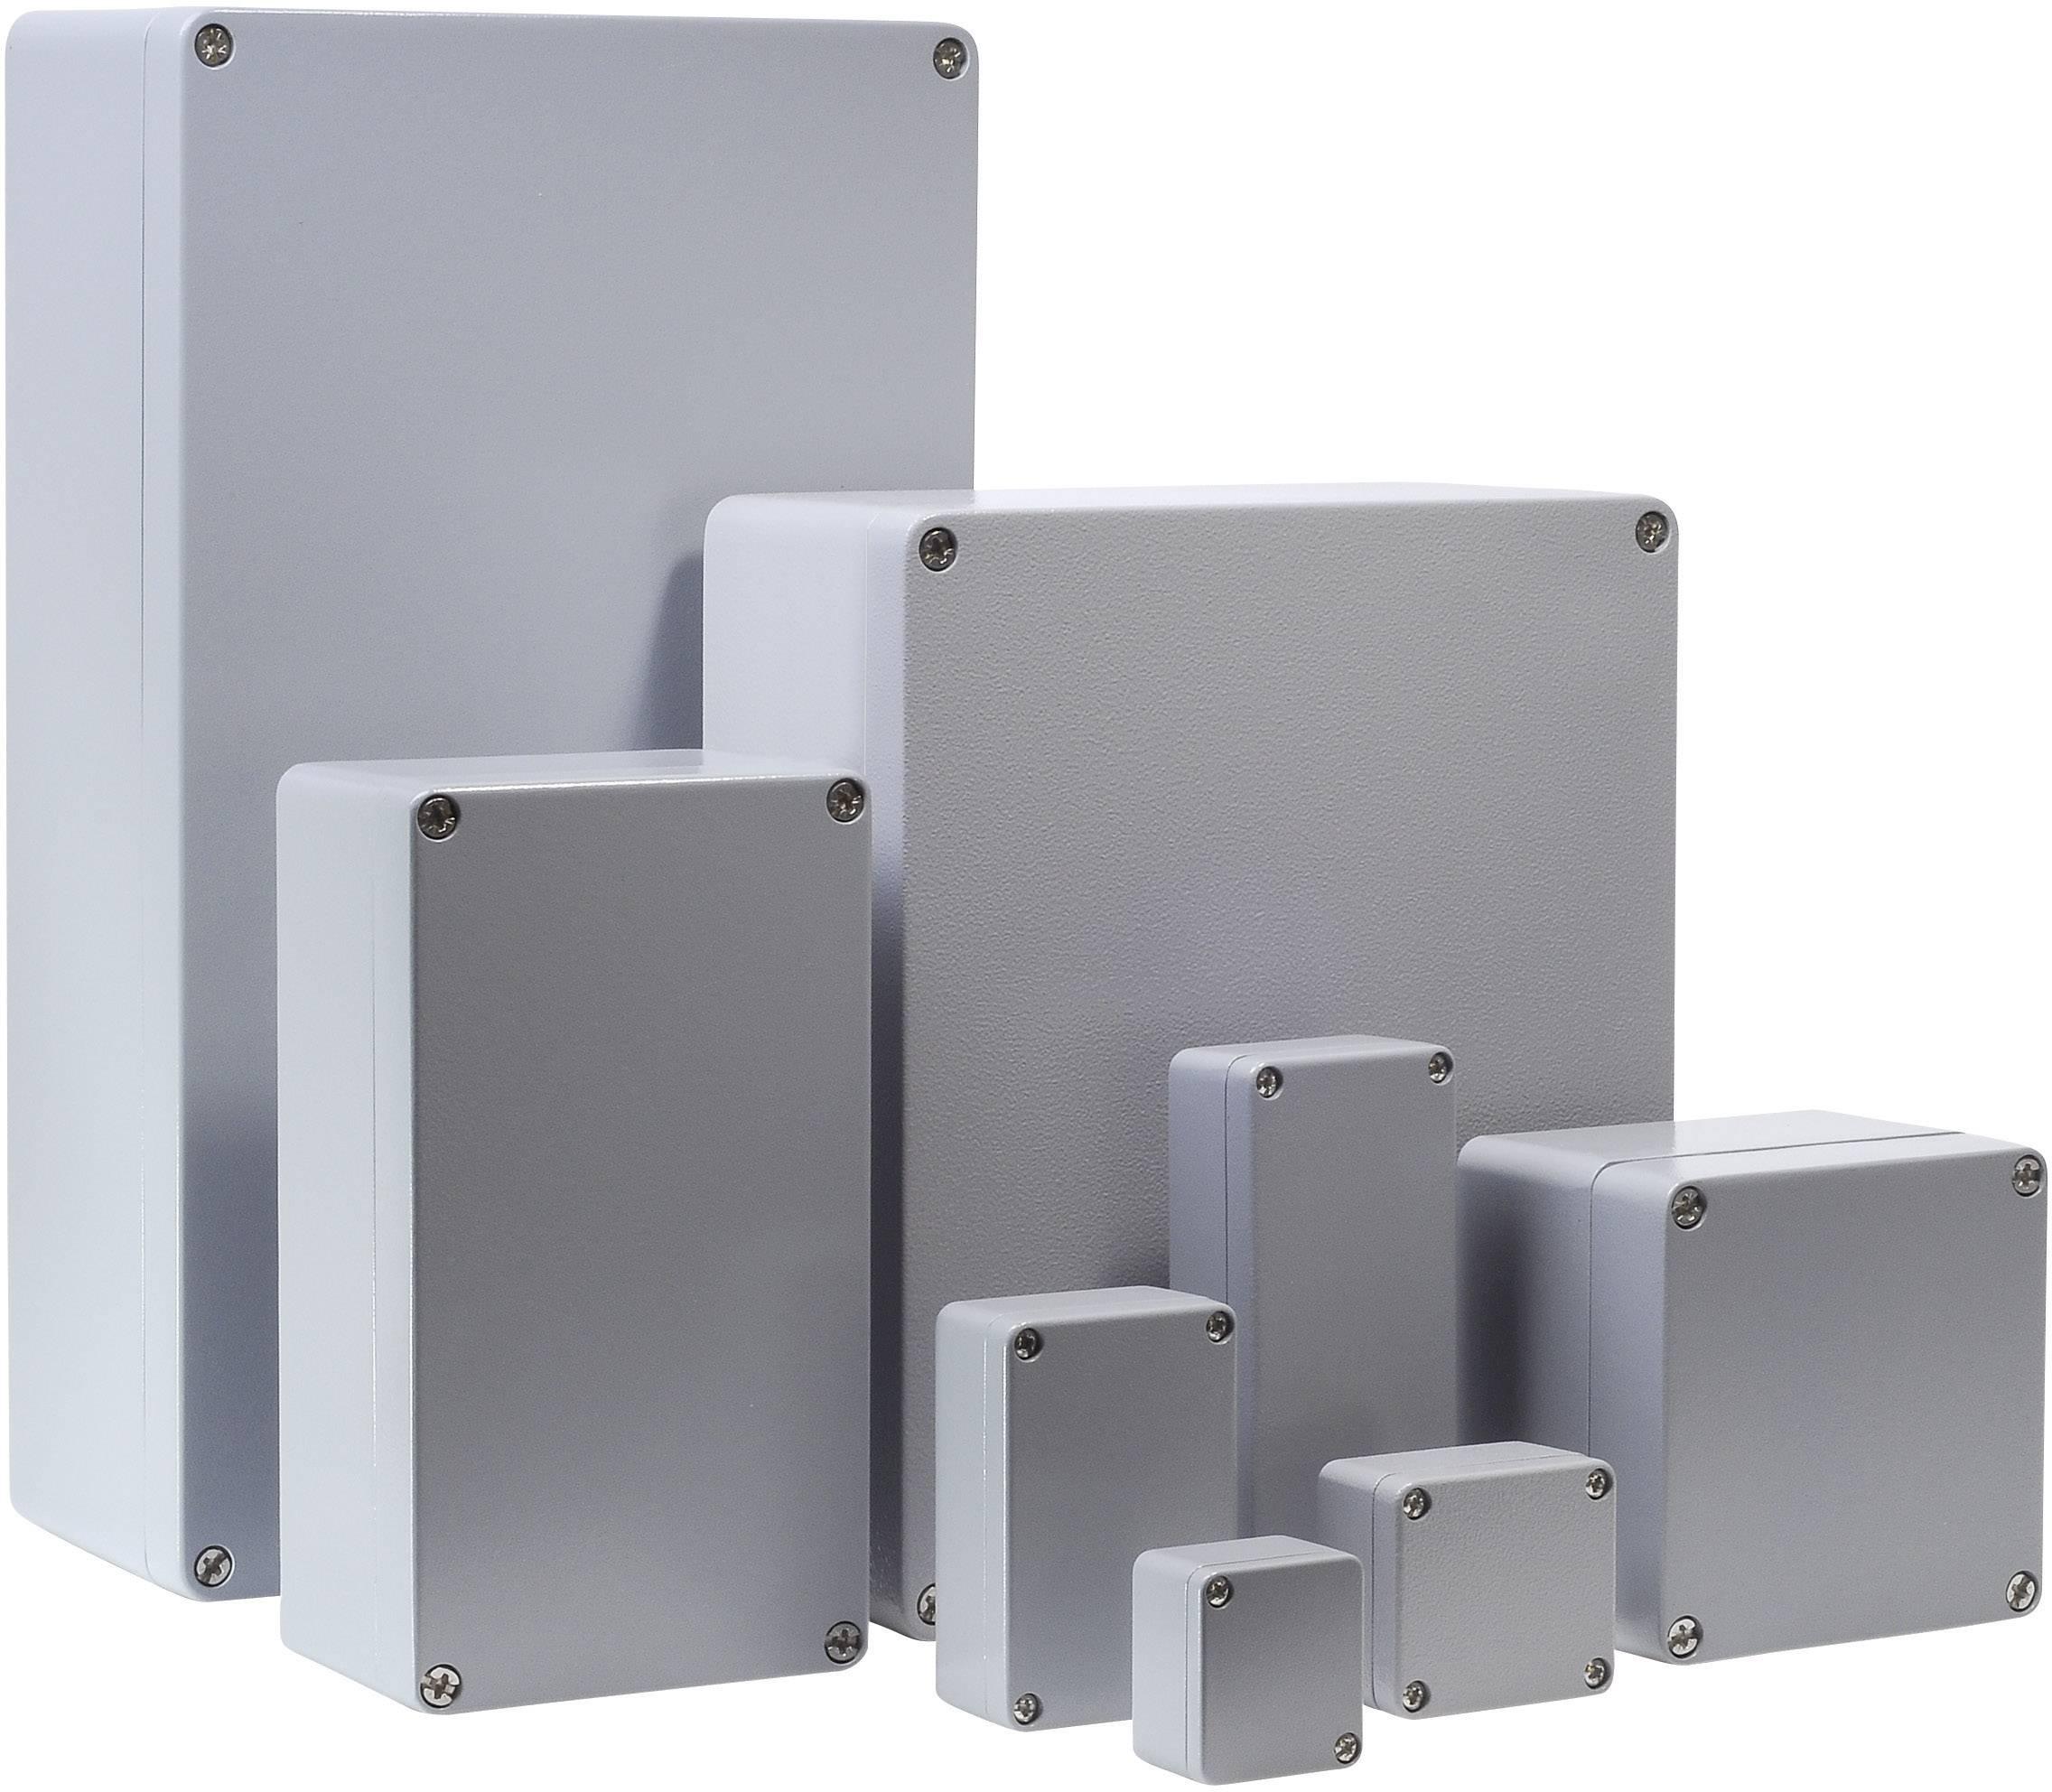 Univerzální pouzdro hliníkové Bernstein AG CA-190, (d x š x v) 250 x 80 x 57 mm, stříbrná